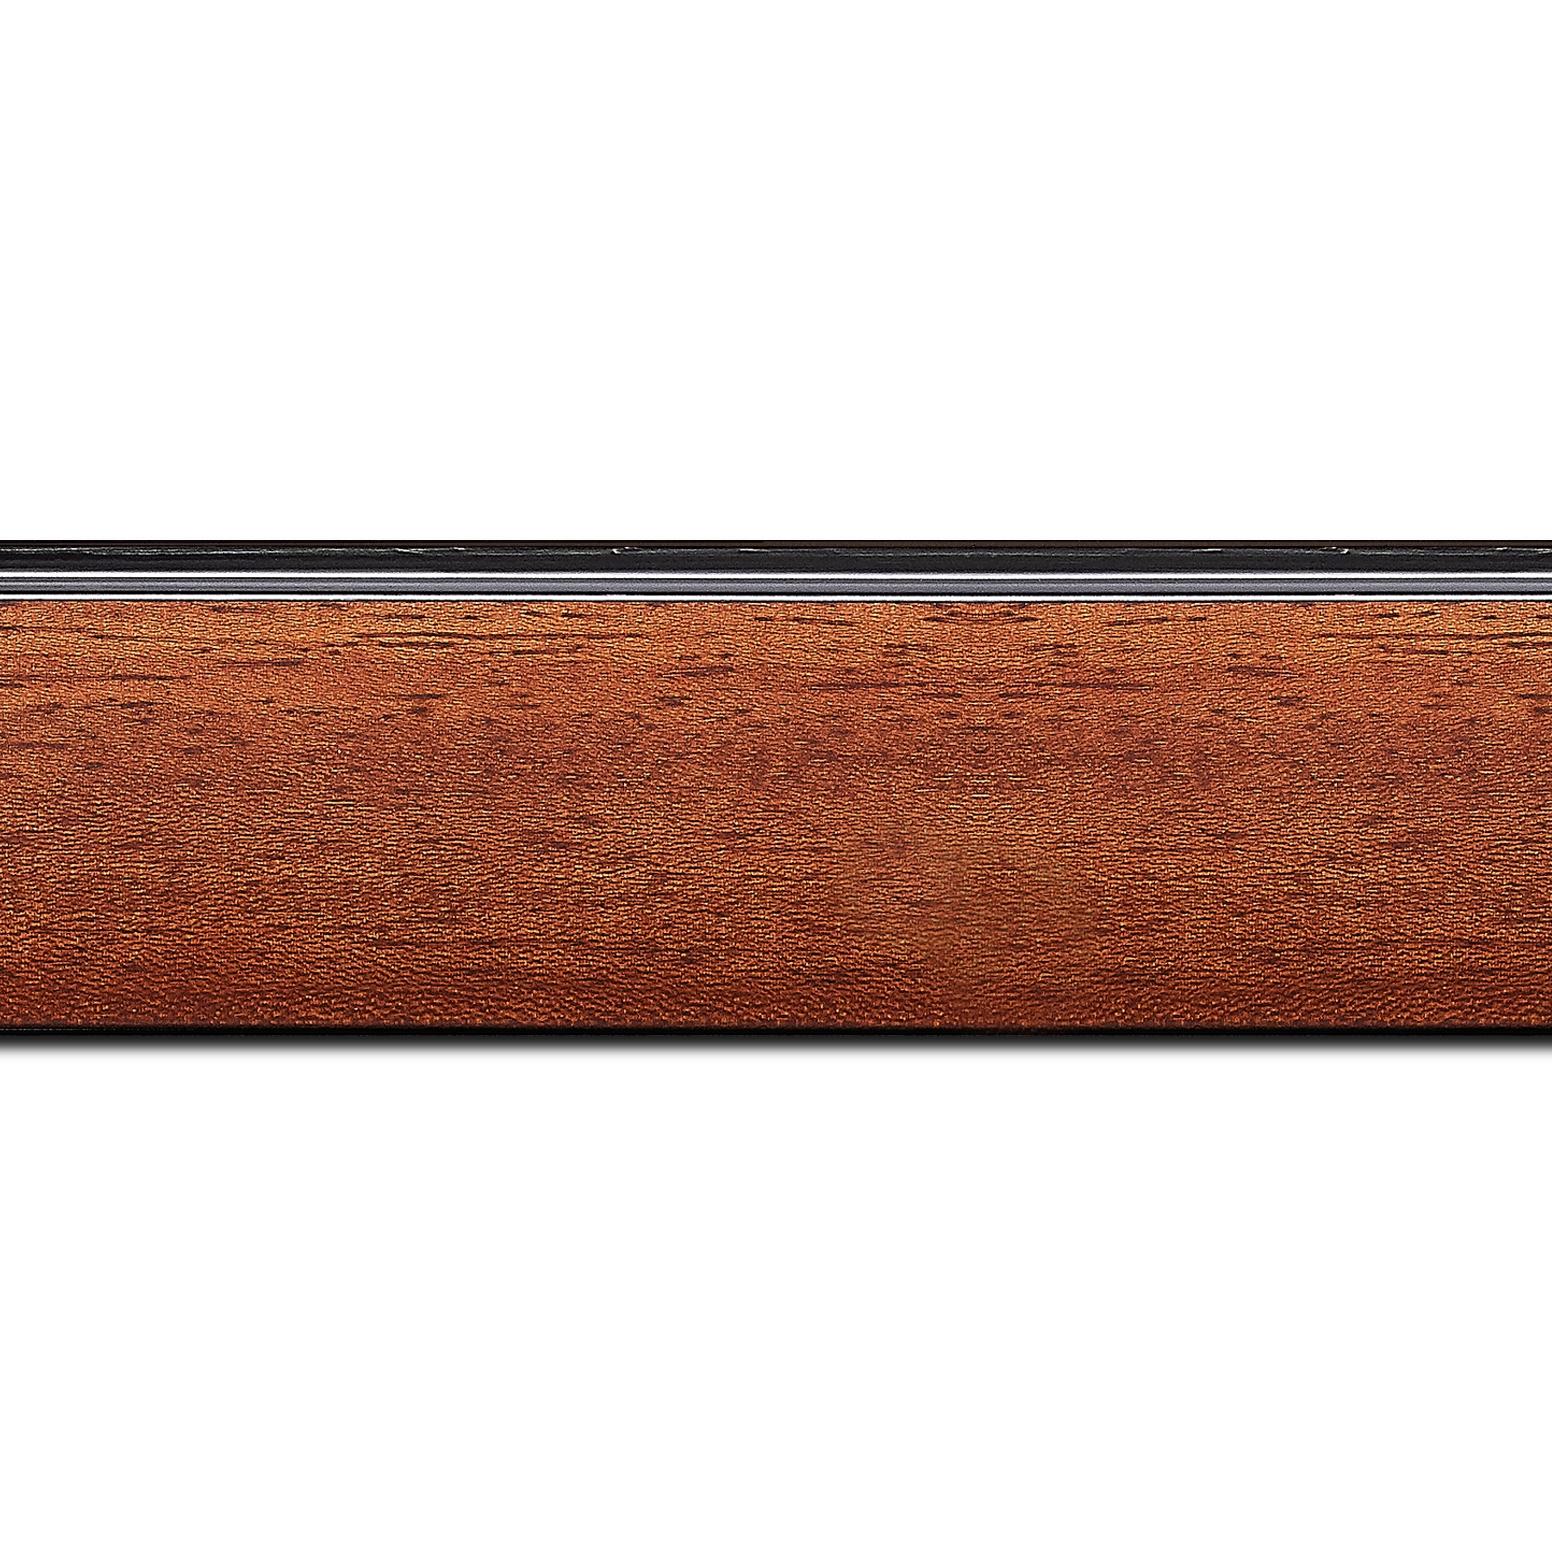 Pack par 12m, bois profil en pente méplat largeur 4.8cm couleur acajou satiné surligné par une gorge extérieure noire : originalité et élégance assurée (longueur baguette pouvant varier entre 2.40m et 3m selon arrivage des bois)